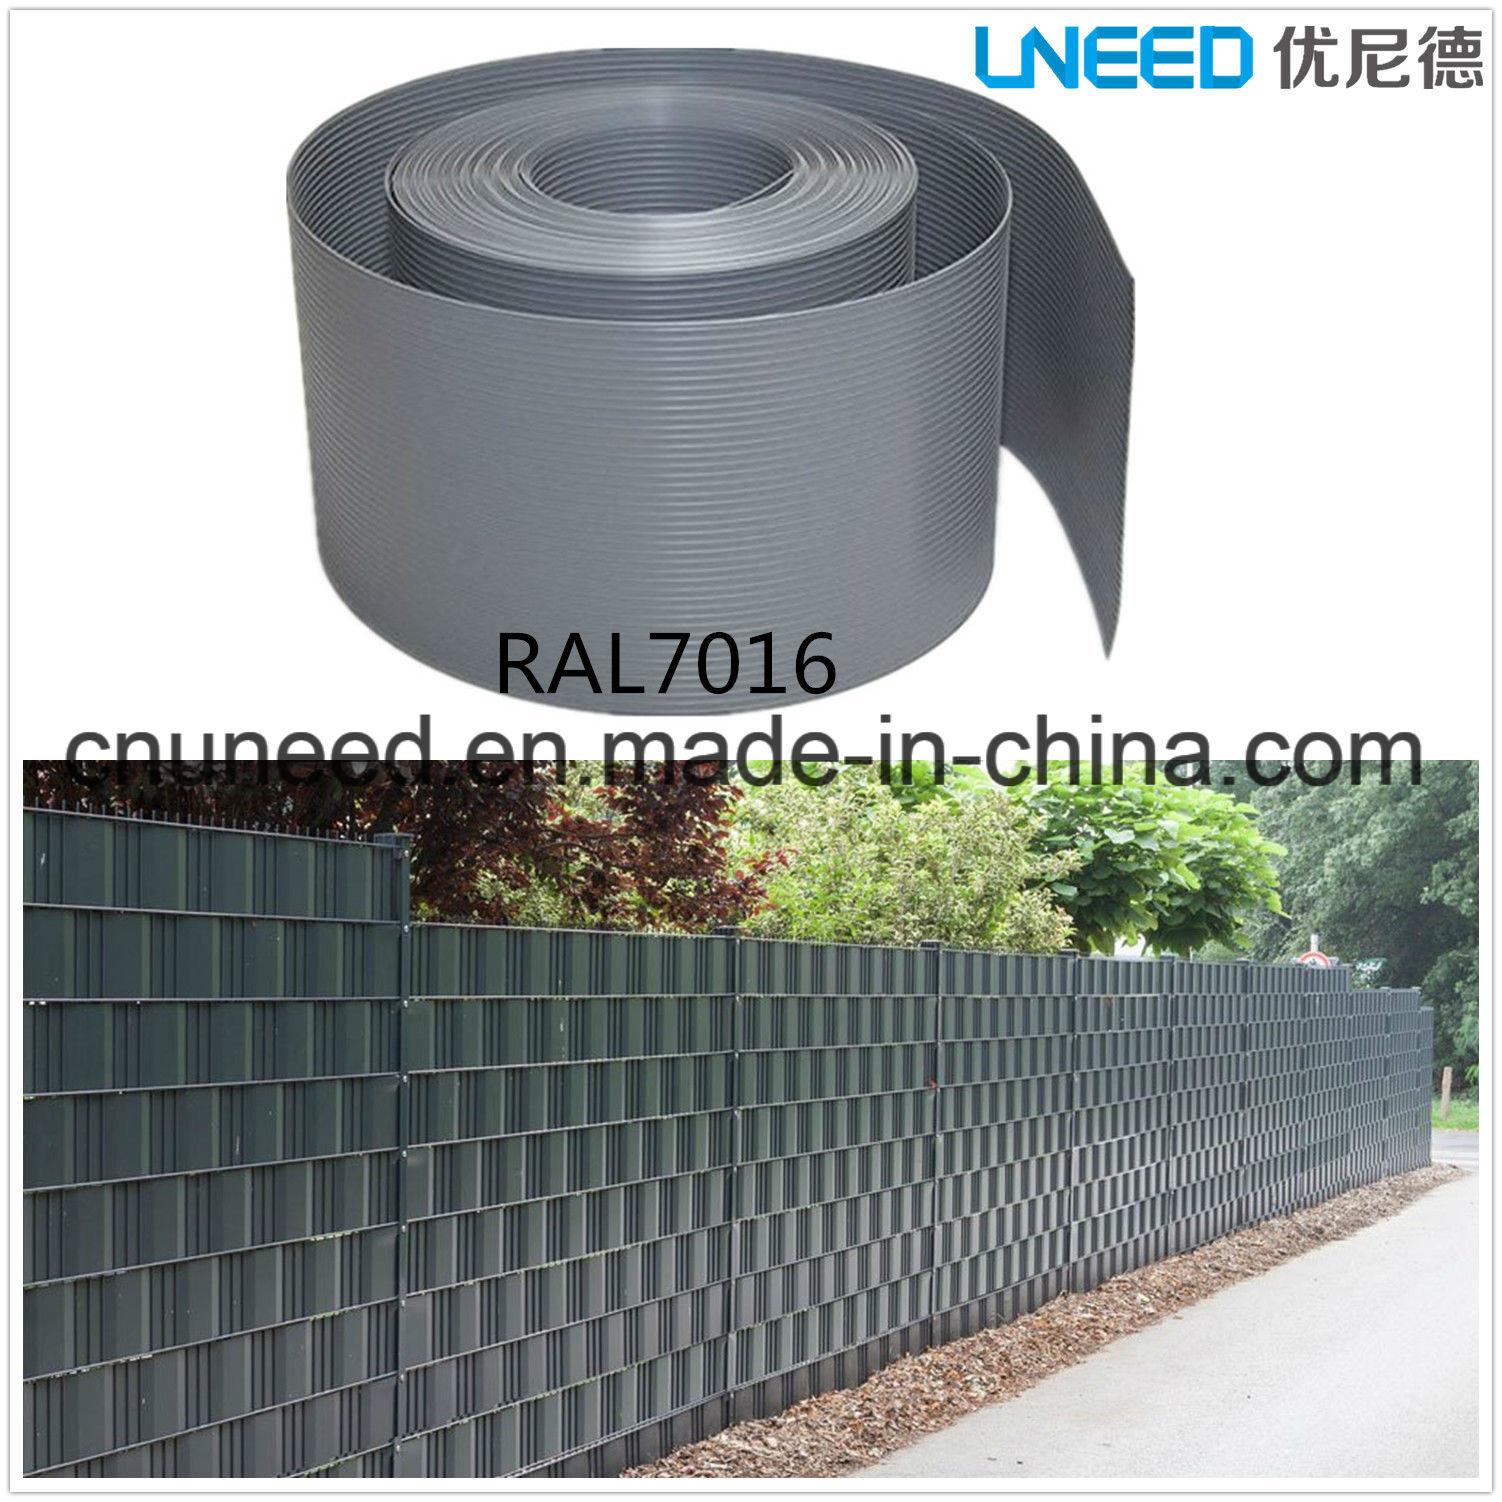 China 100%UV Resistance Ral7016 1 3mm 19cm 2 525m Hart PVC